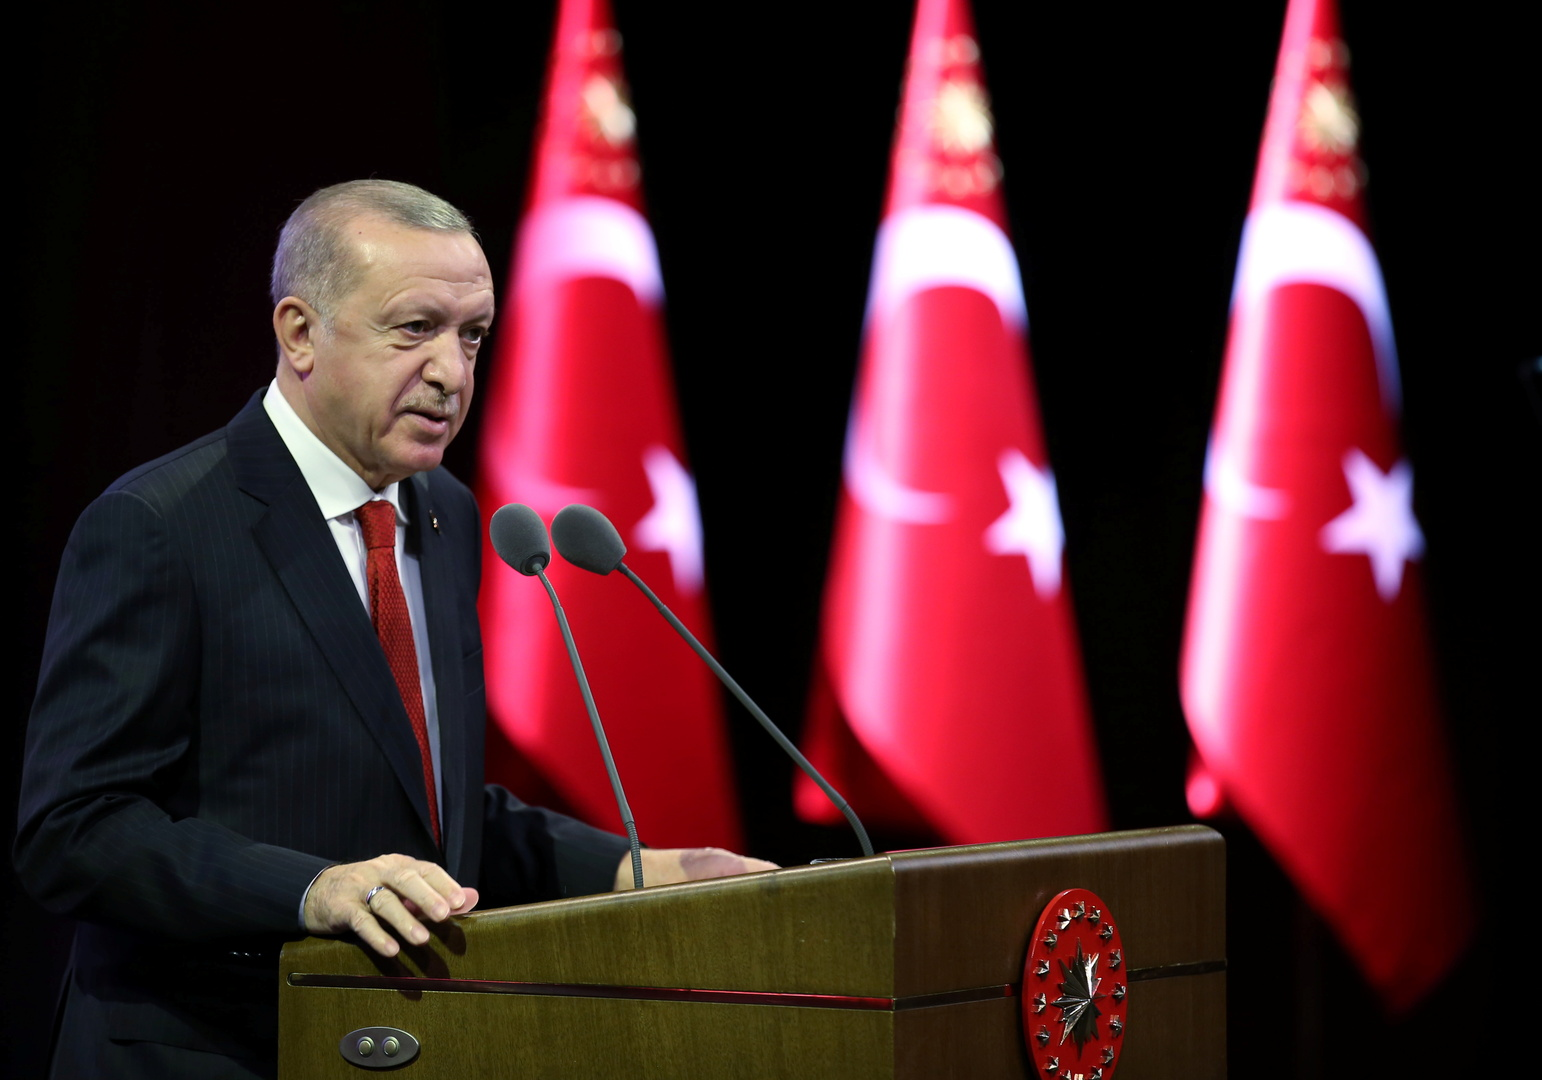 أردوغان: صبرنا نفد ويجب التفاوض على حل الدولتين في قبرص